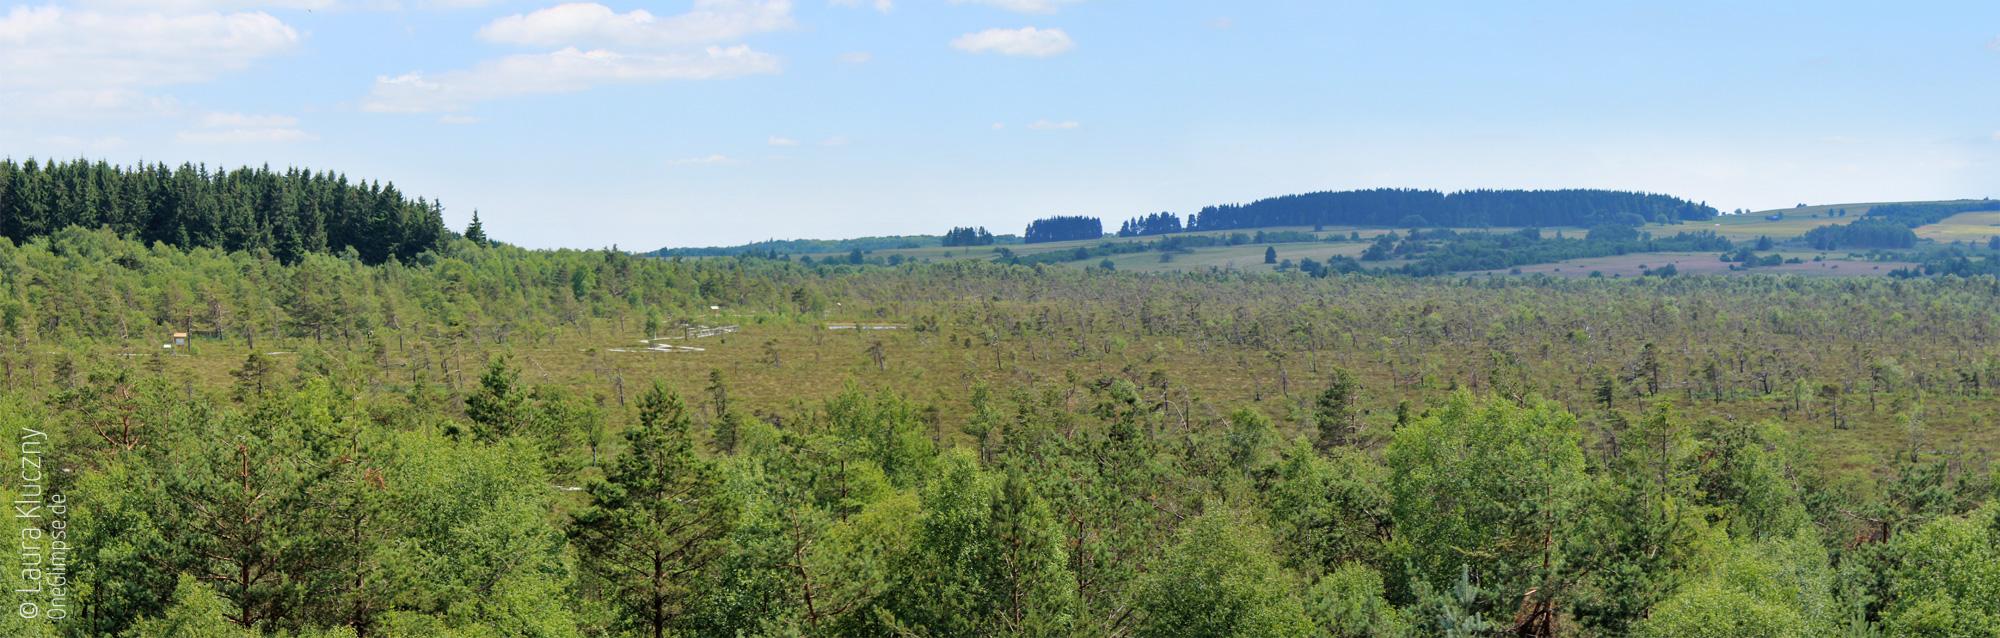 Rhön: Blick vom Aussichtsturm aufs Schwarze Moor, Panorama